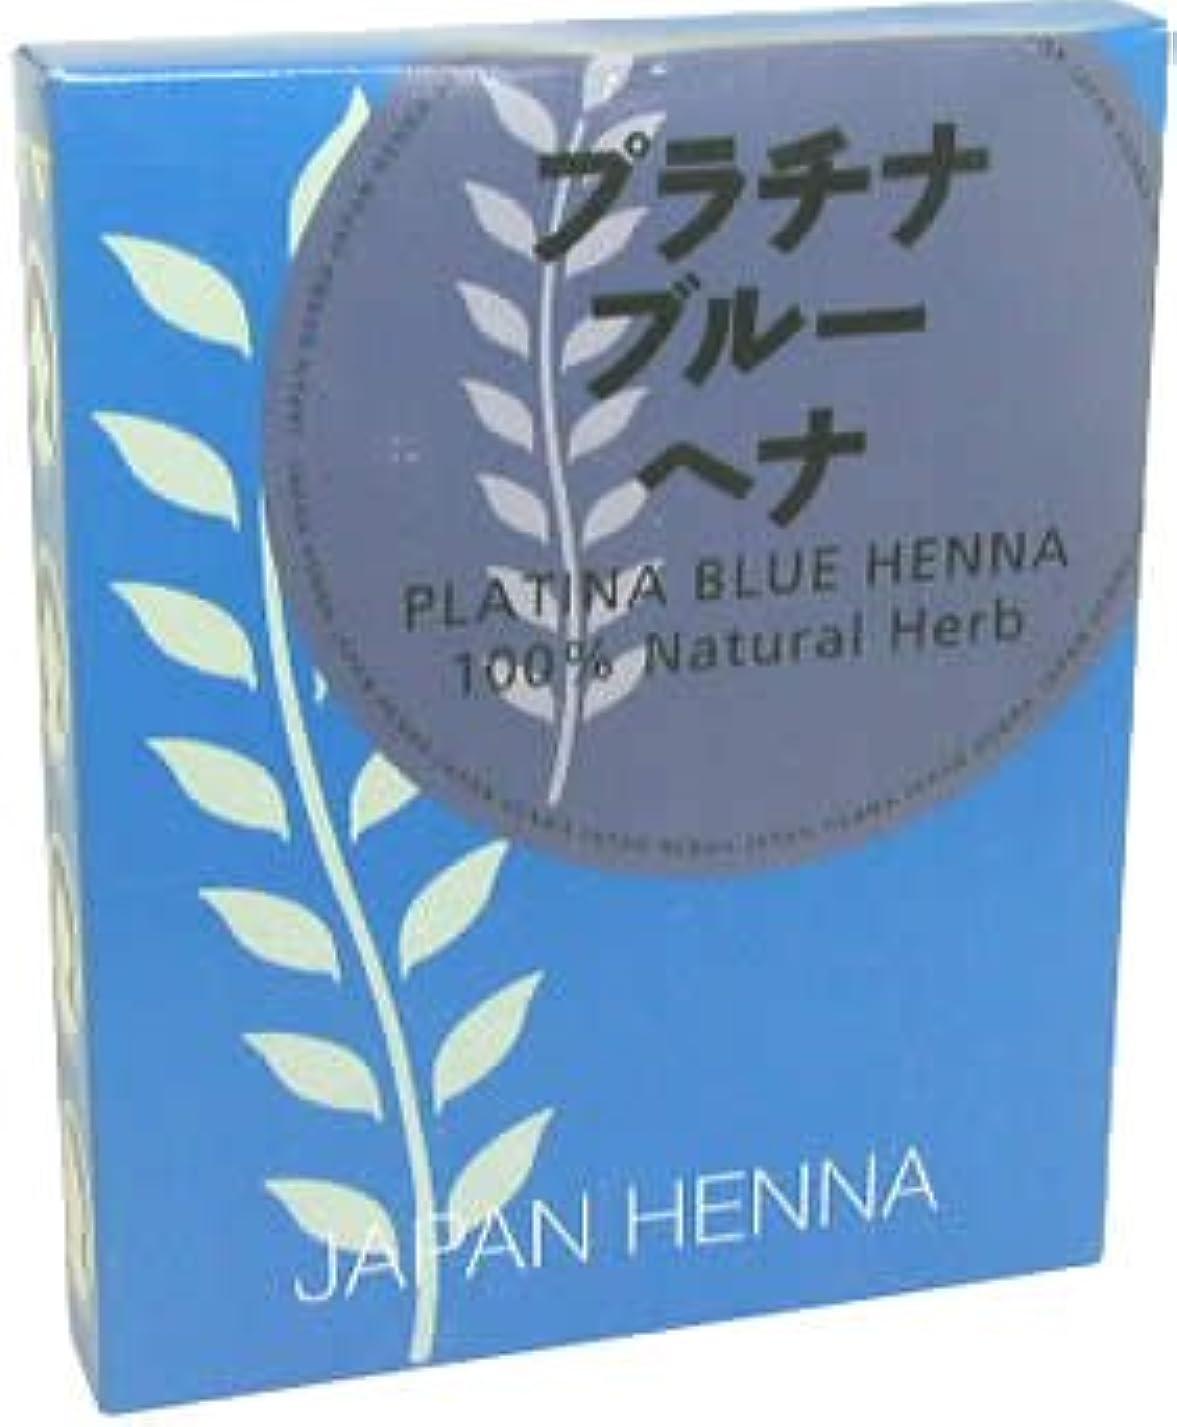 適応的たとえ顕著ジャパンヘナ 天然100% ヘナパウダー プラチナブルー 100g 手袋入り B-7 白髪染め